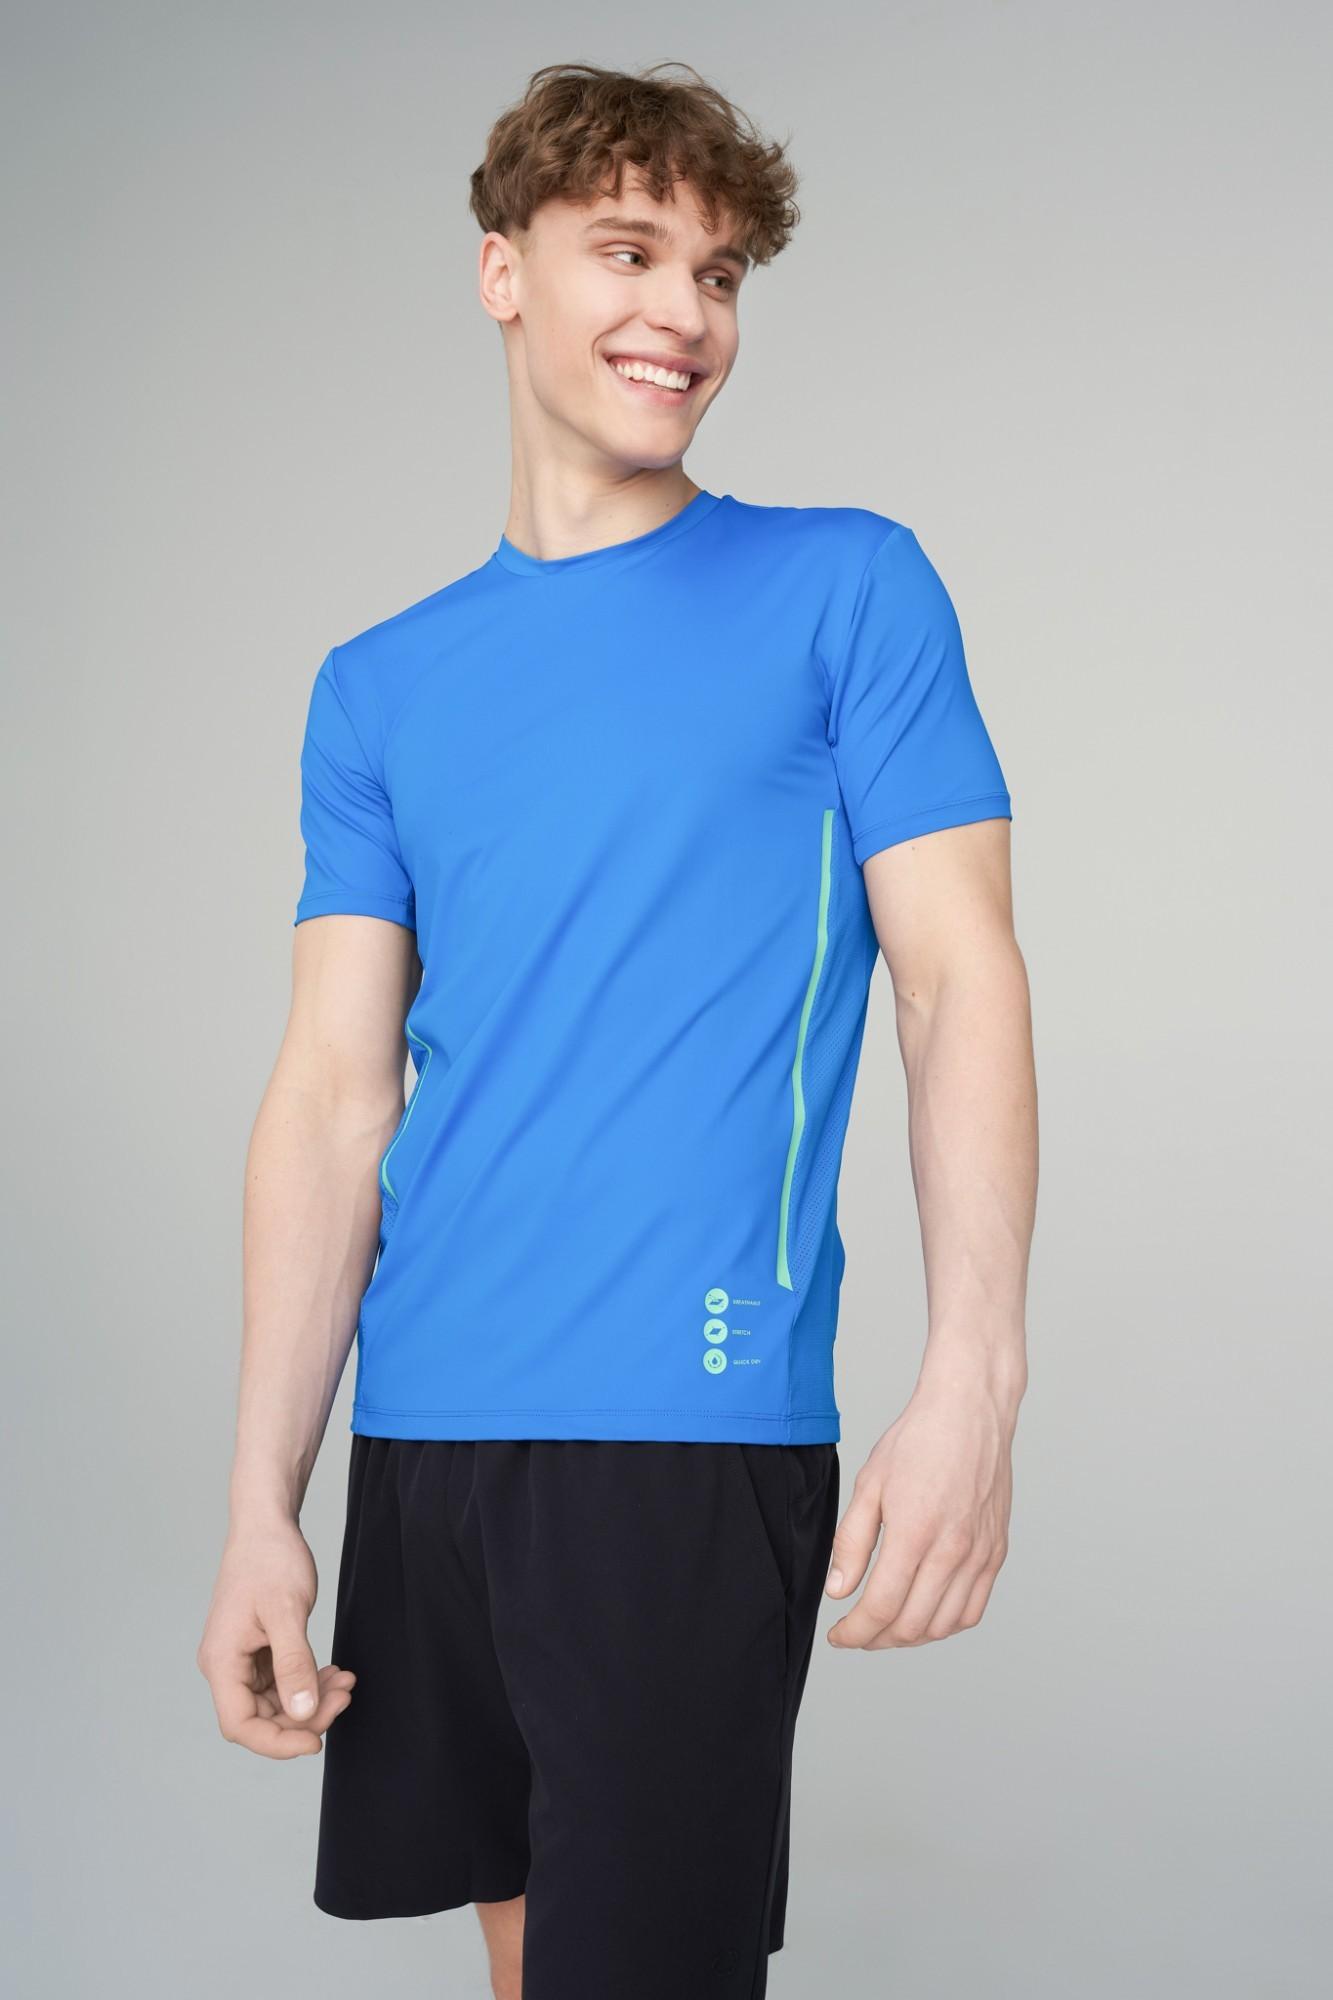 AUDIMAS Funkcionalūs marškinėliai 2111-451 Skydiver XXL